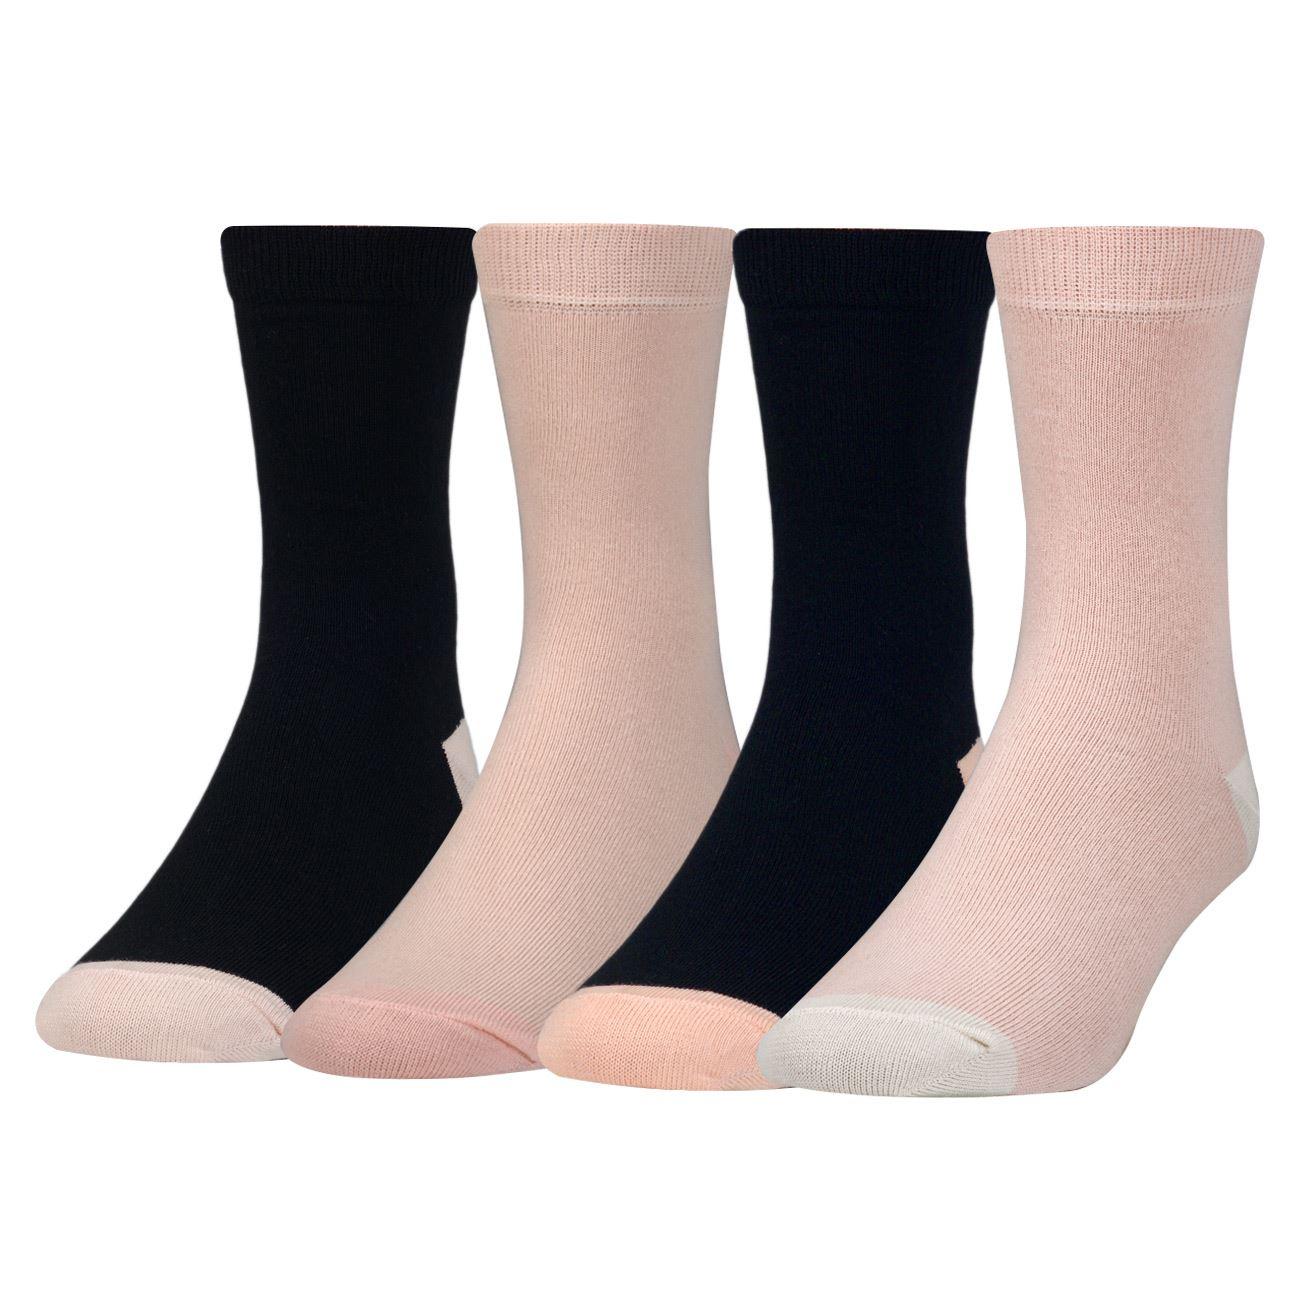 Κάλτσες Γυναικείες - 4 ζευγ.   Κάλτσες Γυναικείες Πακέτο Μονόχρωμες ... 47600a3660e